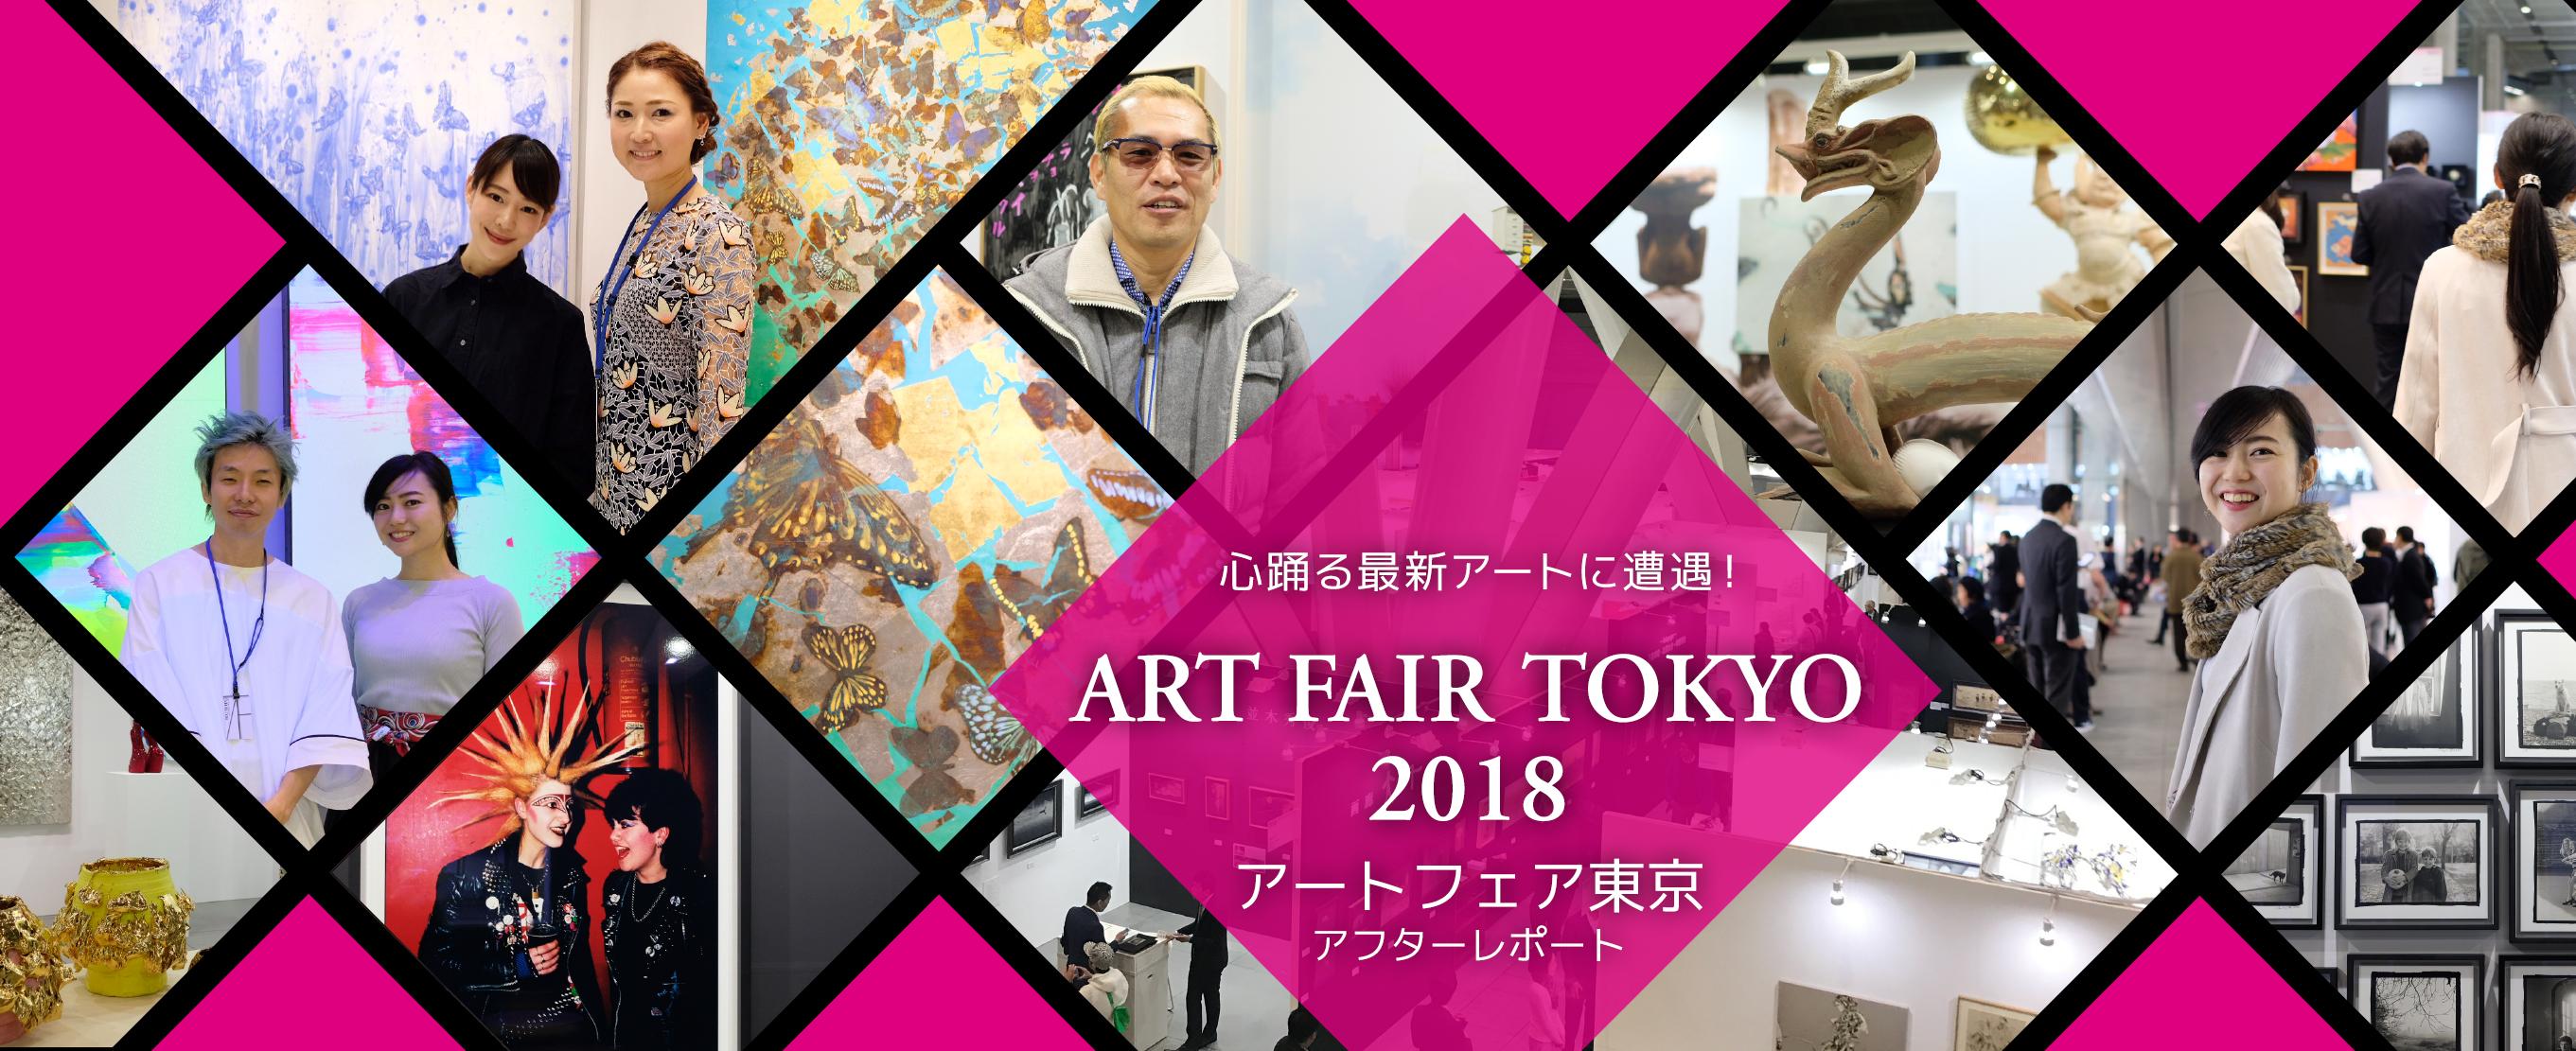 心踊る最新アートに遭遇!『アートフェア東京2018』アフターレポート